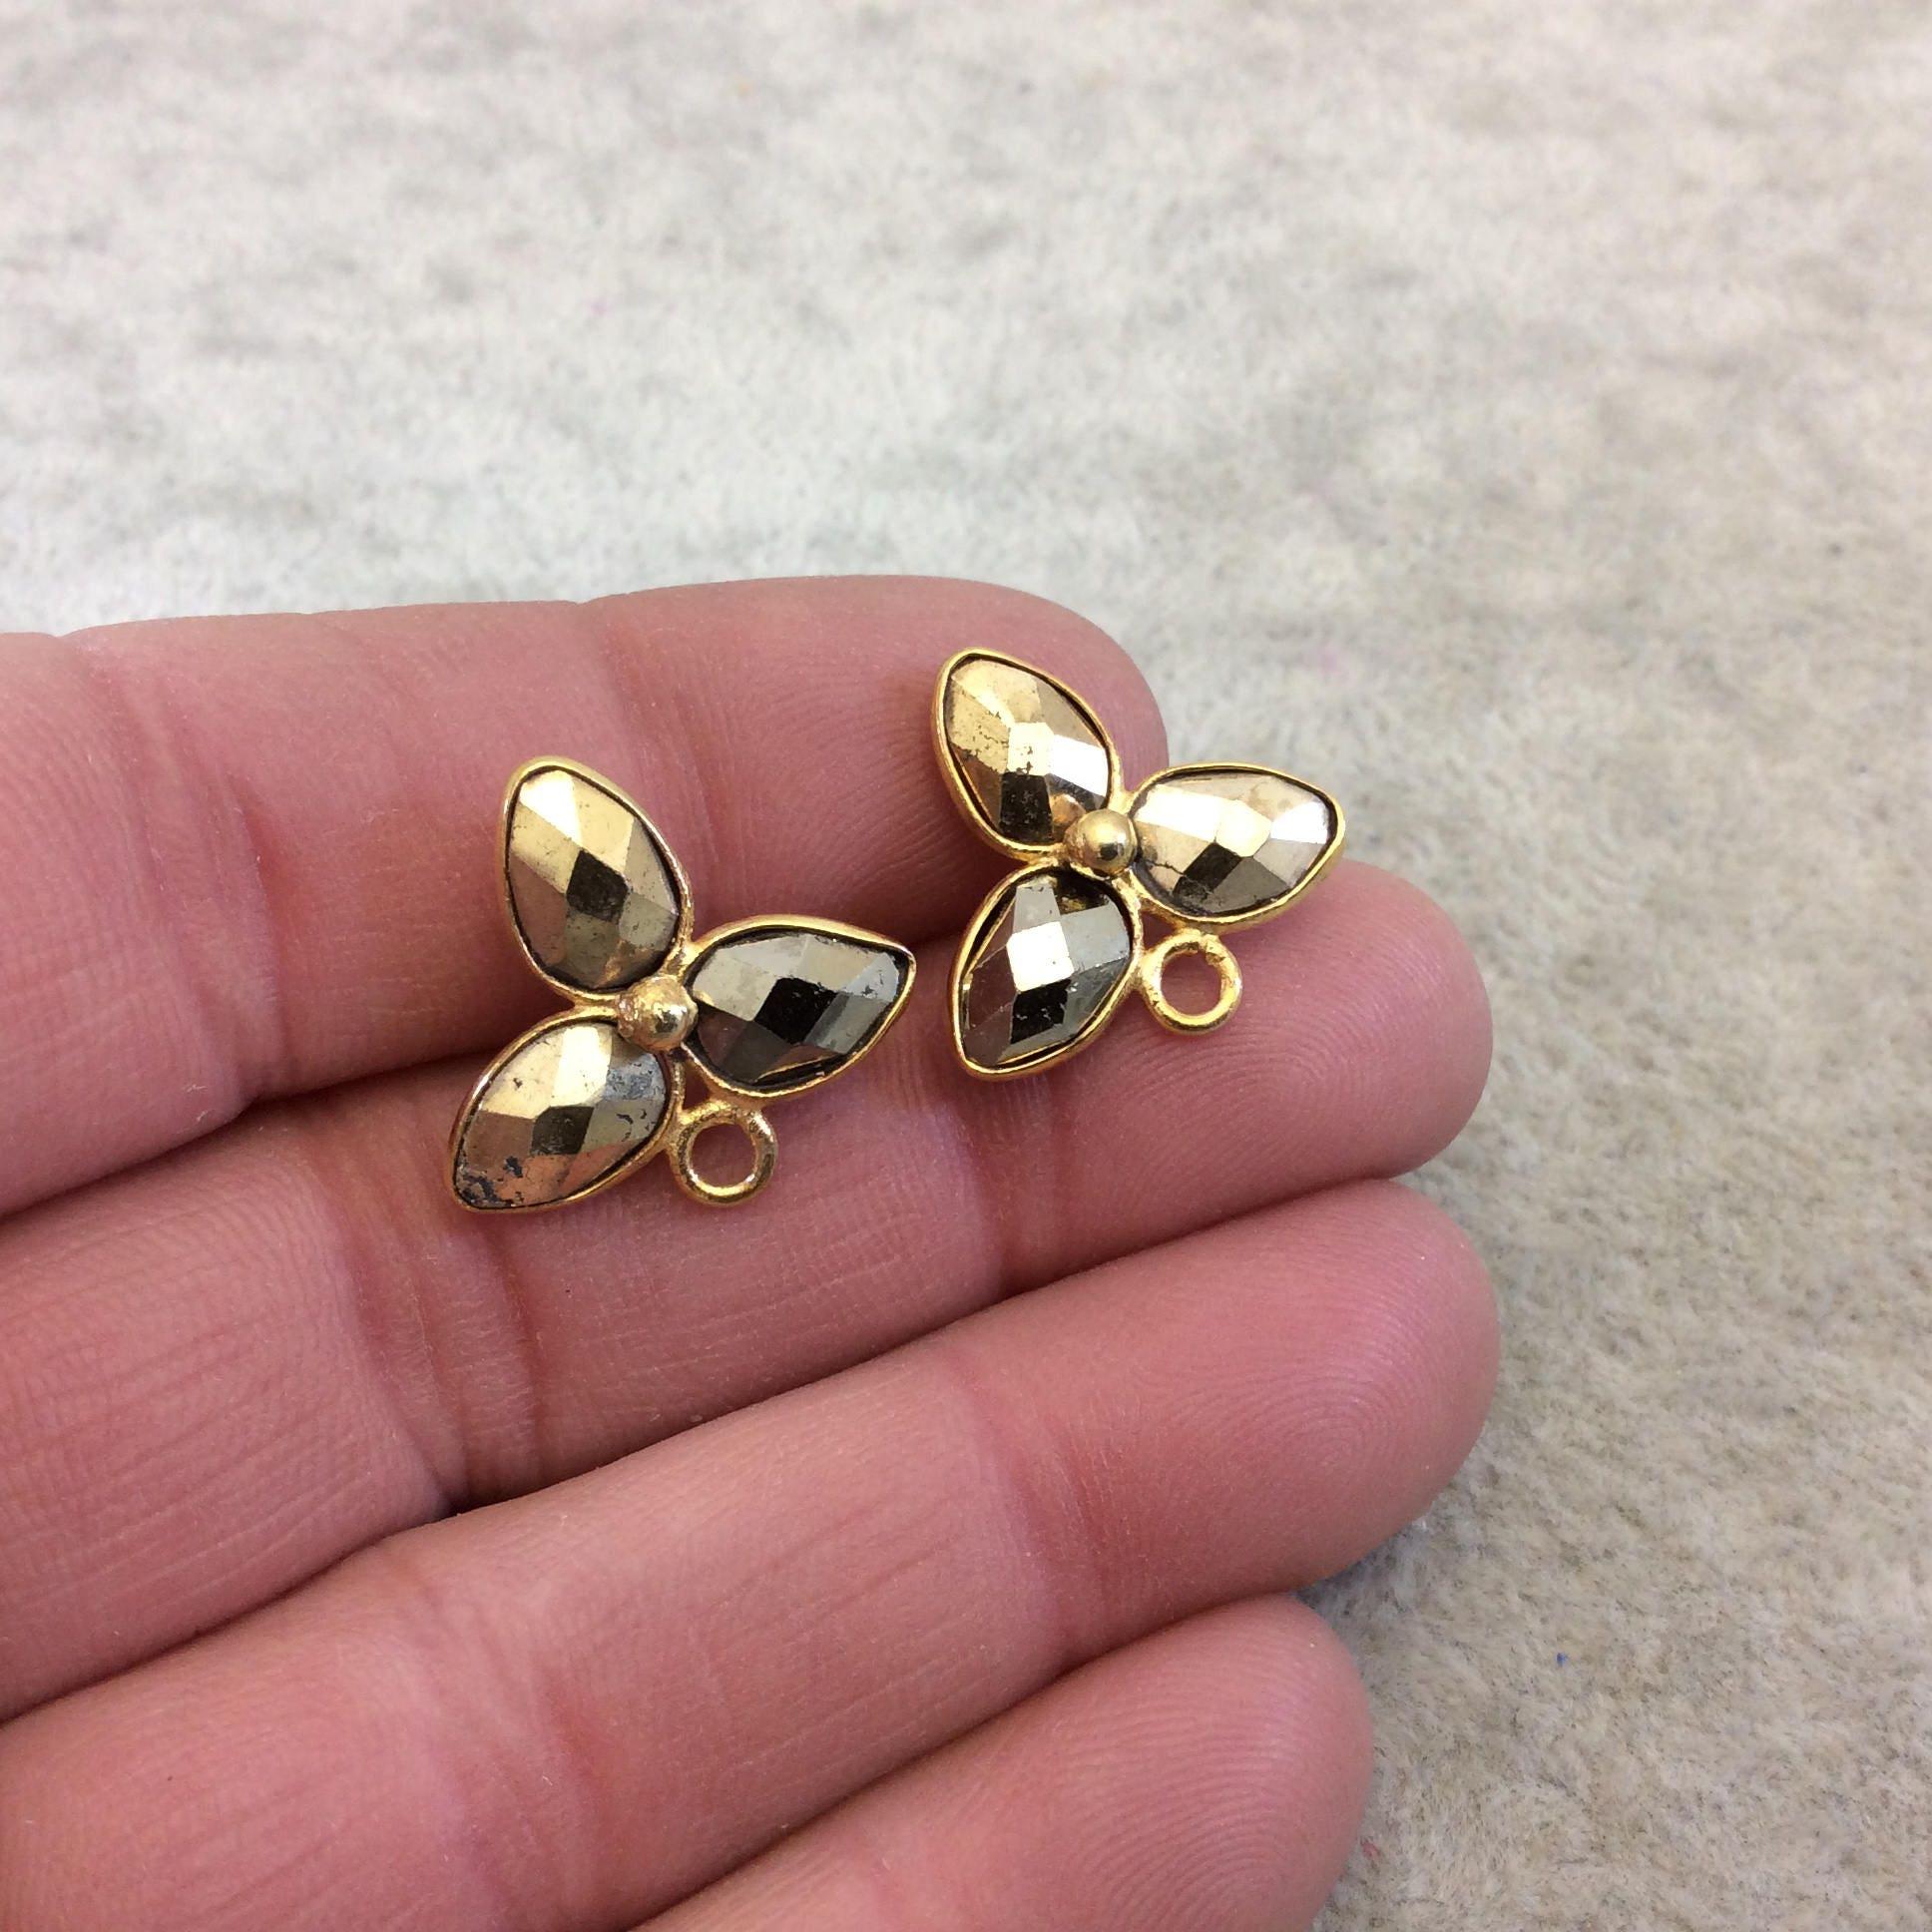 Une paire de dos nu / or plaqué naturel Trillium / nu trois forme Pyrite Stud boucles d'oreilles feuille W attaché anneaux - mesure 16 mm x 20 mm 81d0c9